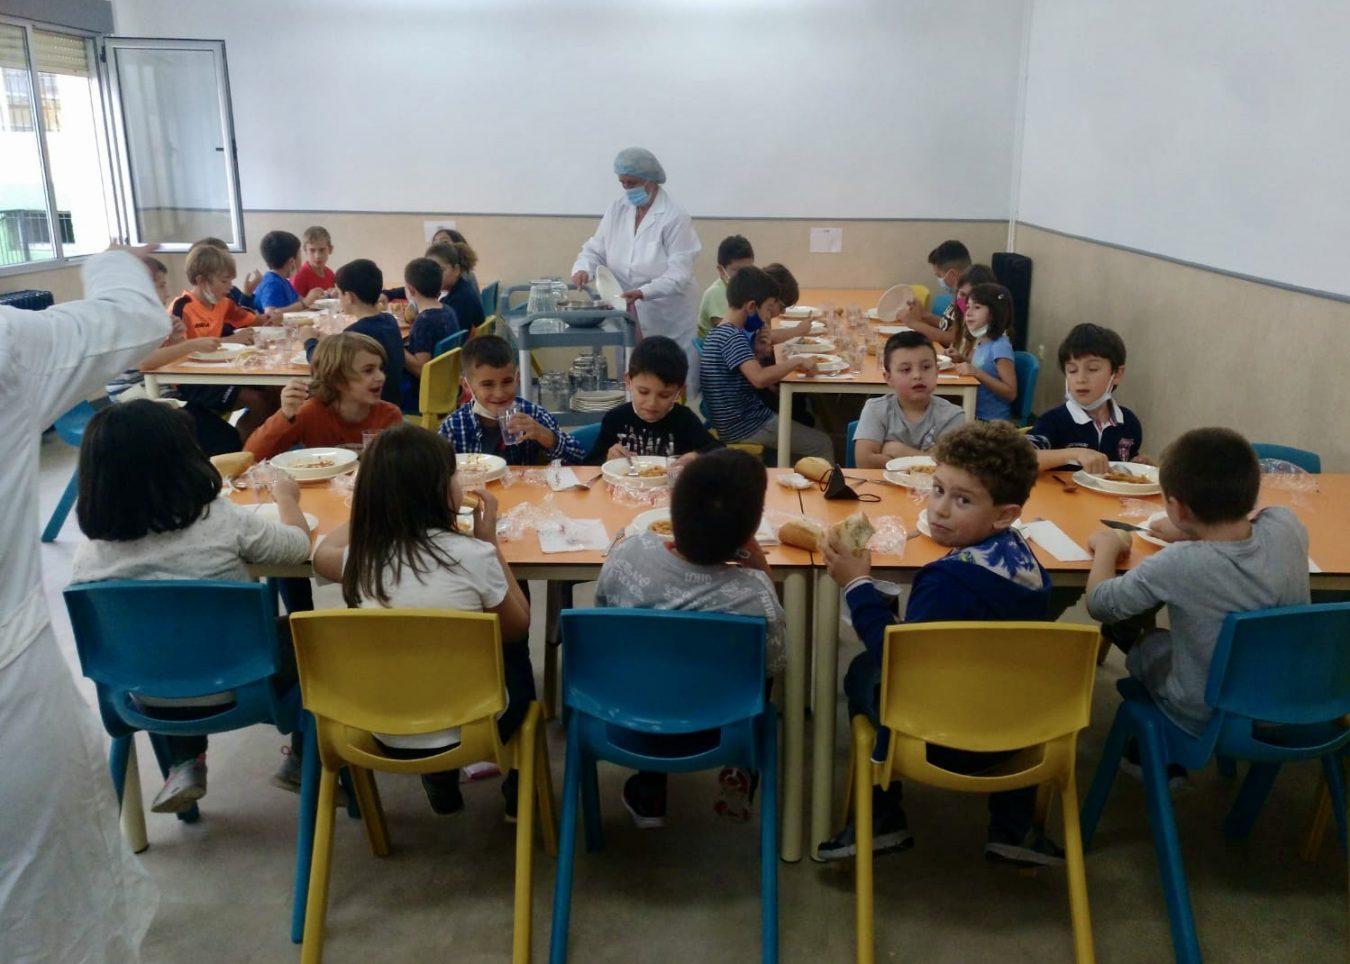 90 alumnos inauguran el servicio de comedor escolar en el colegio público de Ribadesella